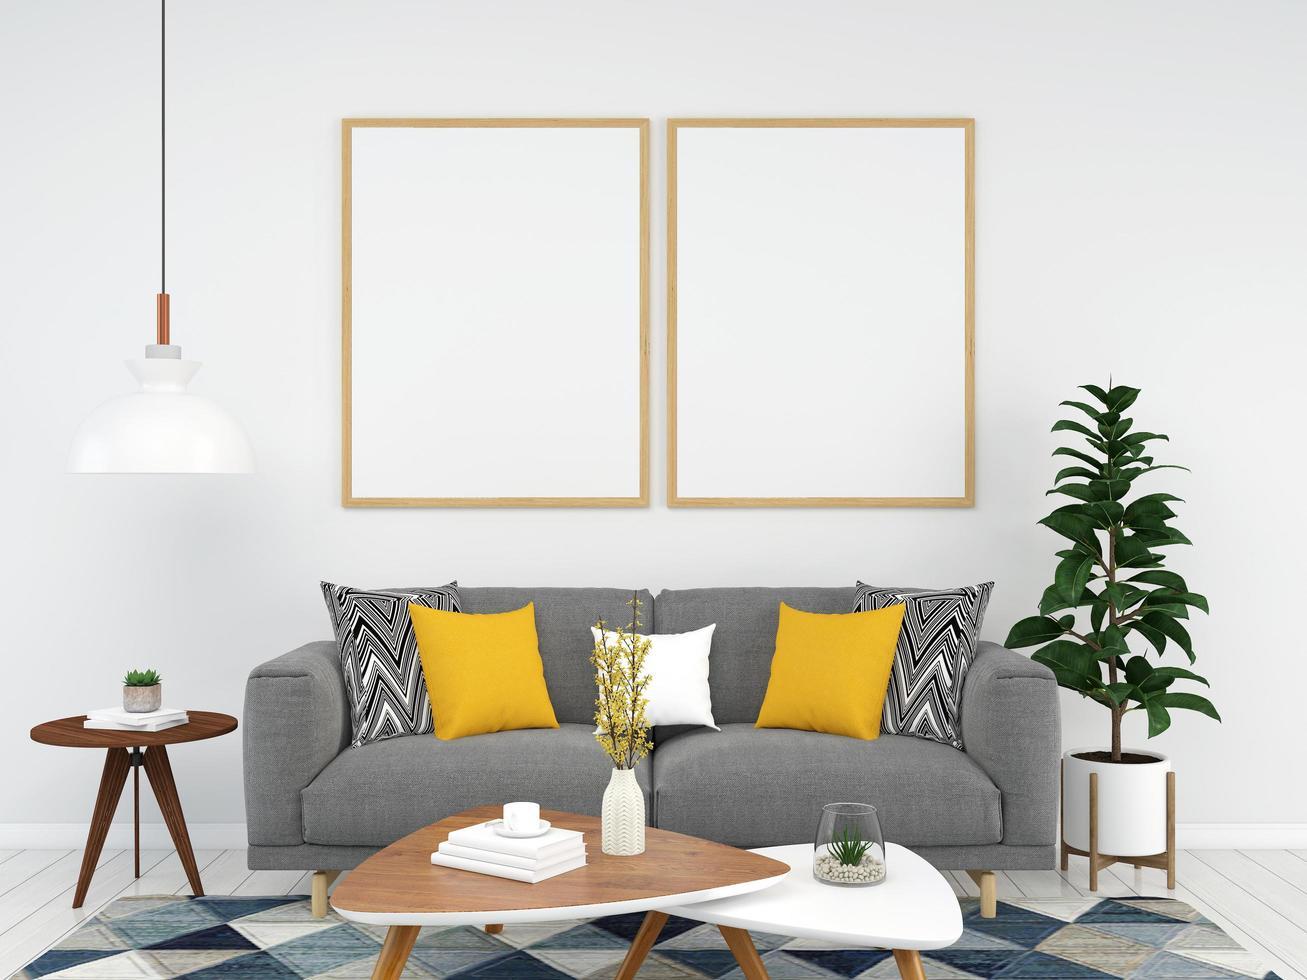 plantilla de marco de imagen en la sala de estar foto